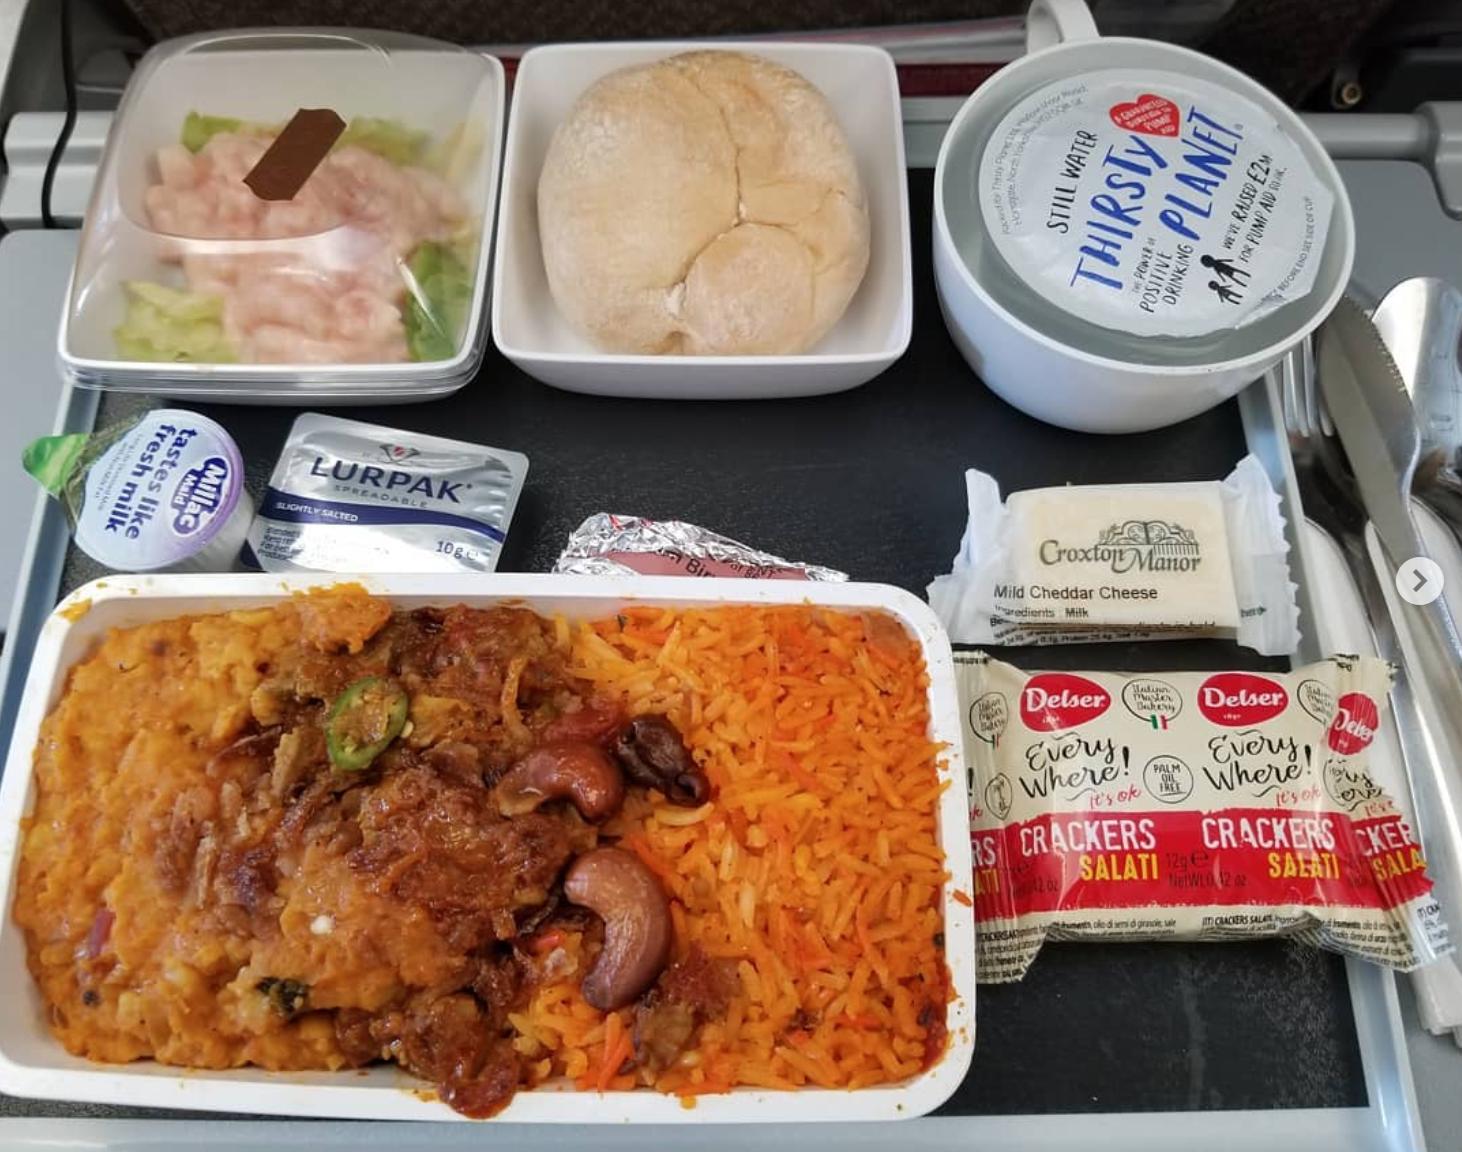 Dạo một vòng xem món ăn trên máy bay của các nước, Việt Nam phục vụ mì Ý trong khi Mỹ, Pháp phục vụ cơm - Ảnh 10.